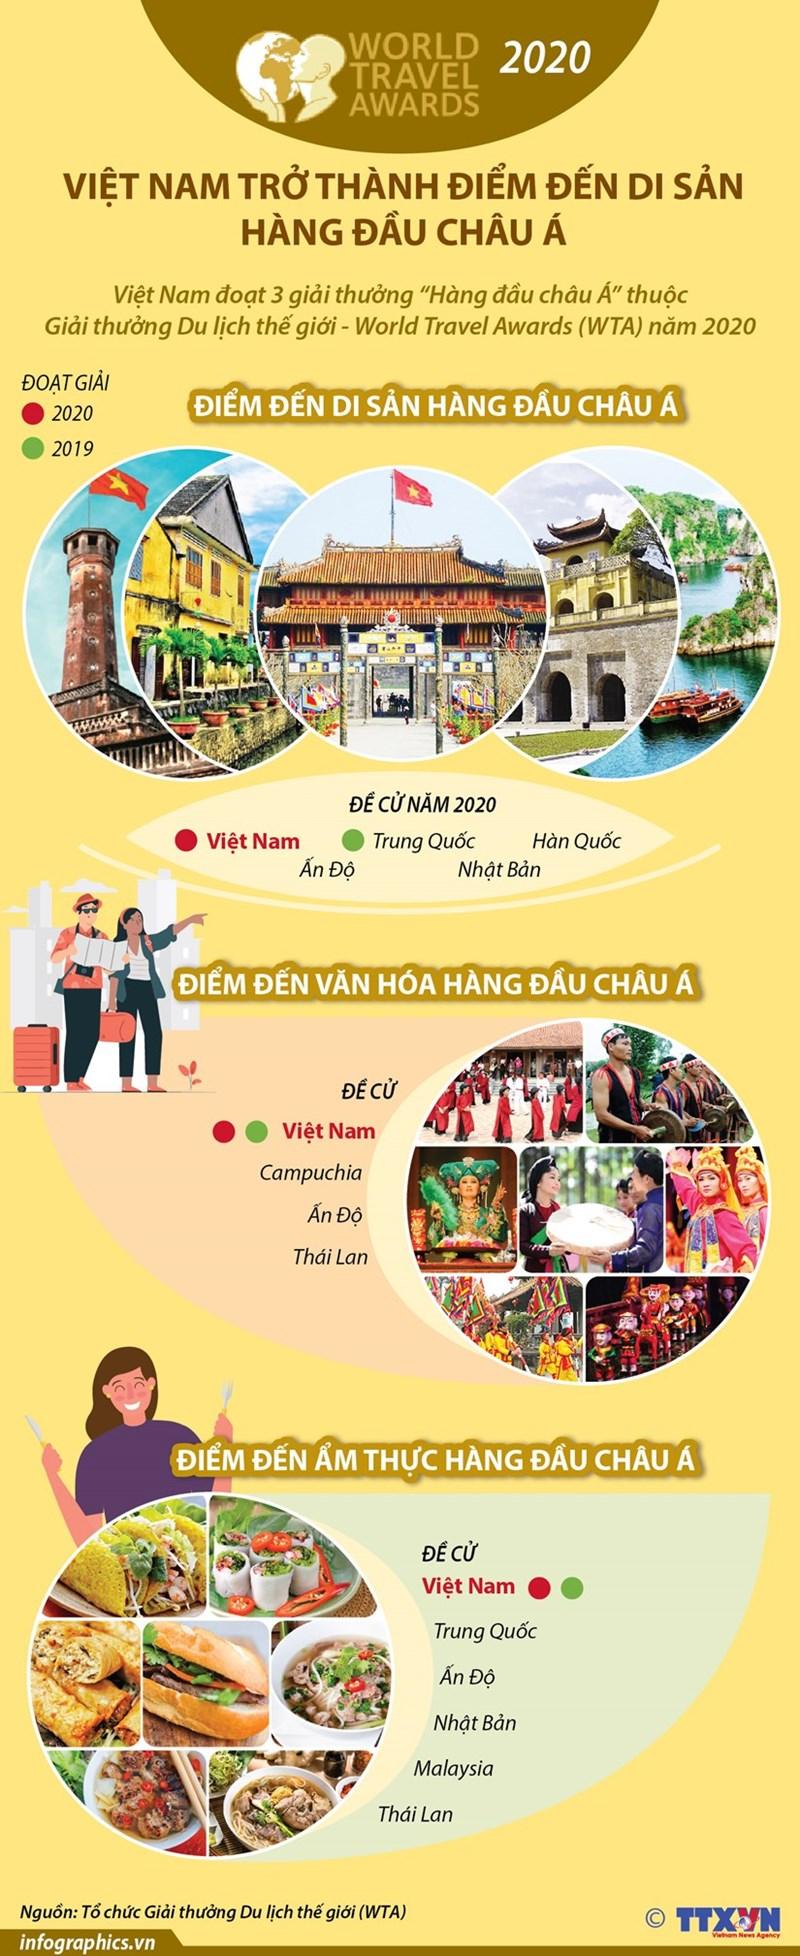 [Infographics] Việt Nam trở thành điểm đến di sản hàng đầu châu Á - Ảnh 1